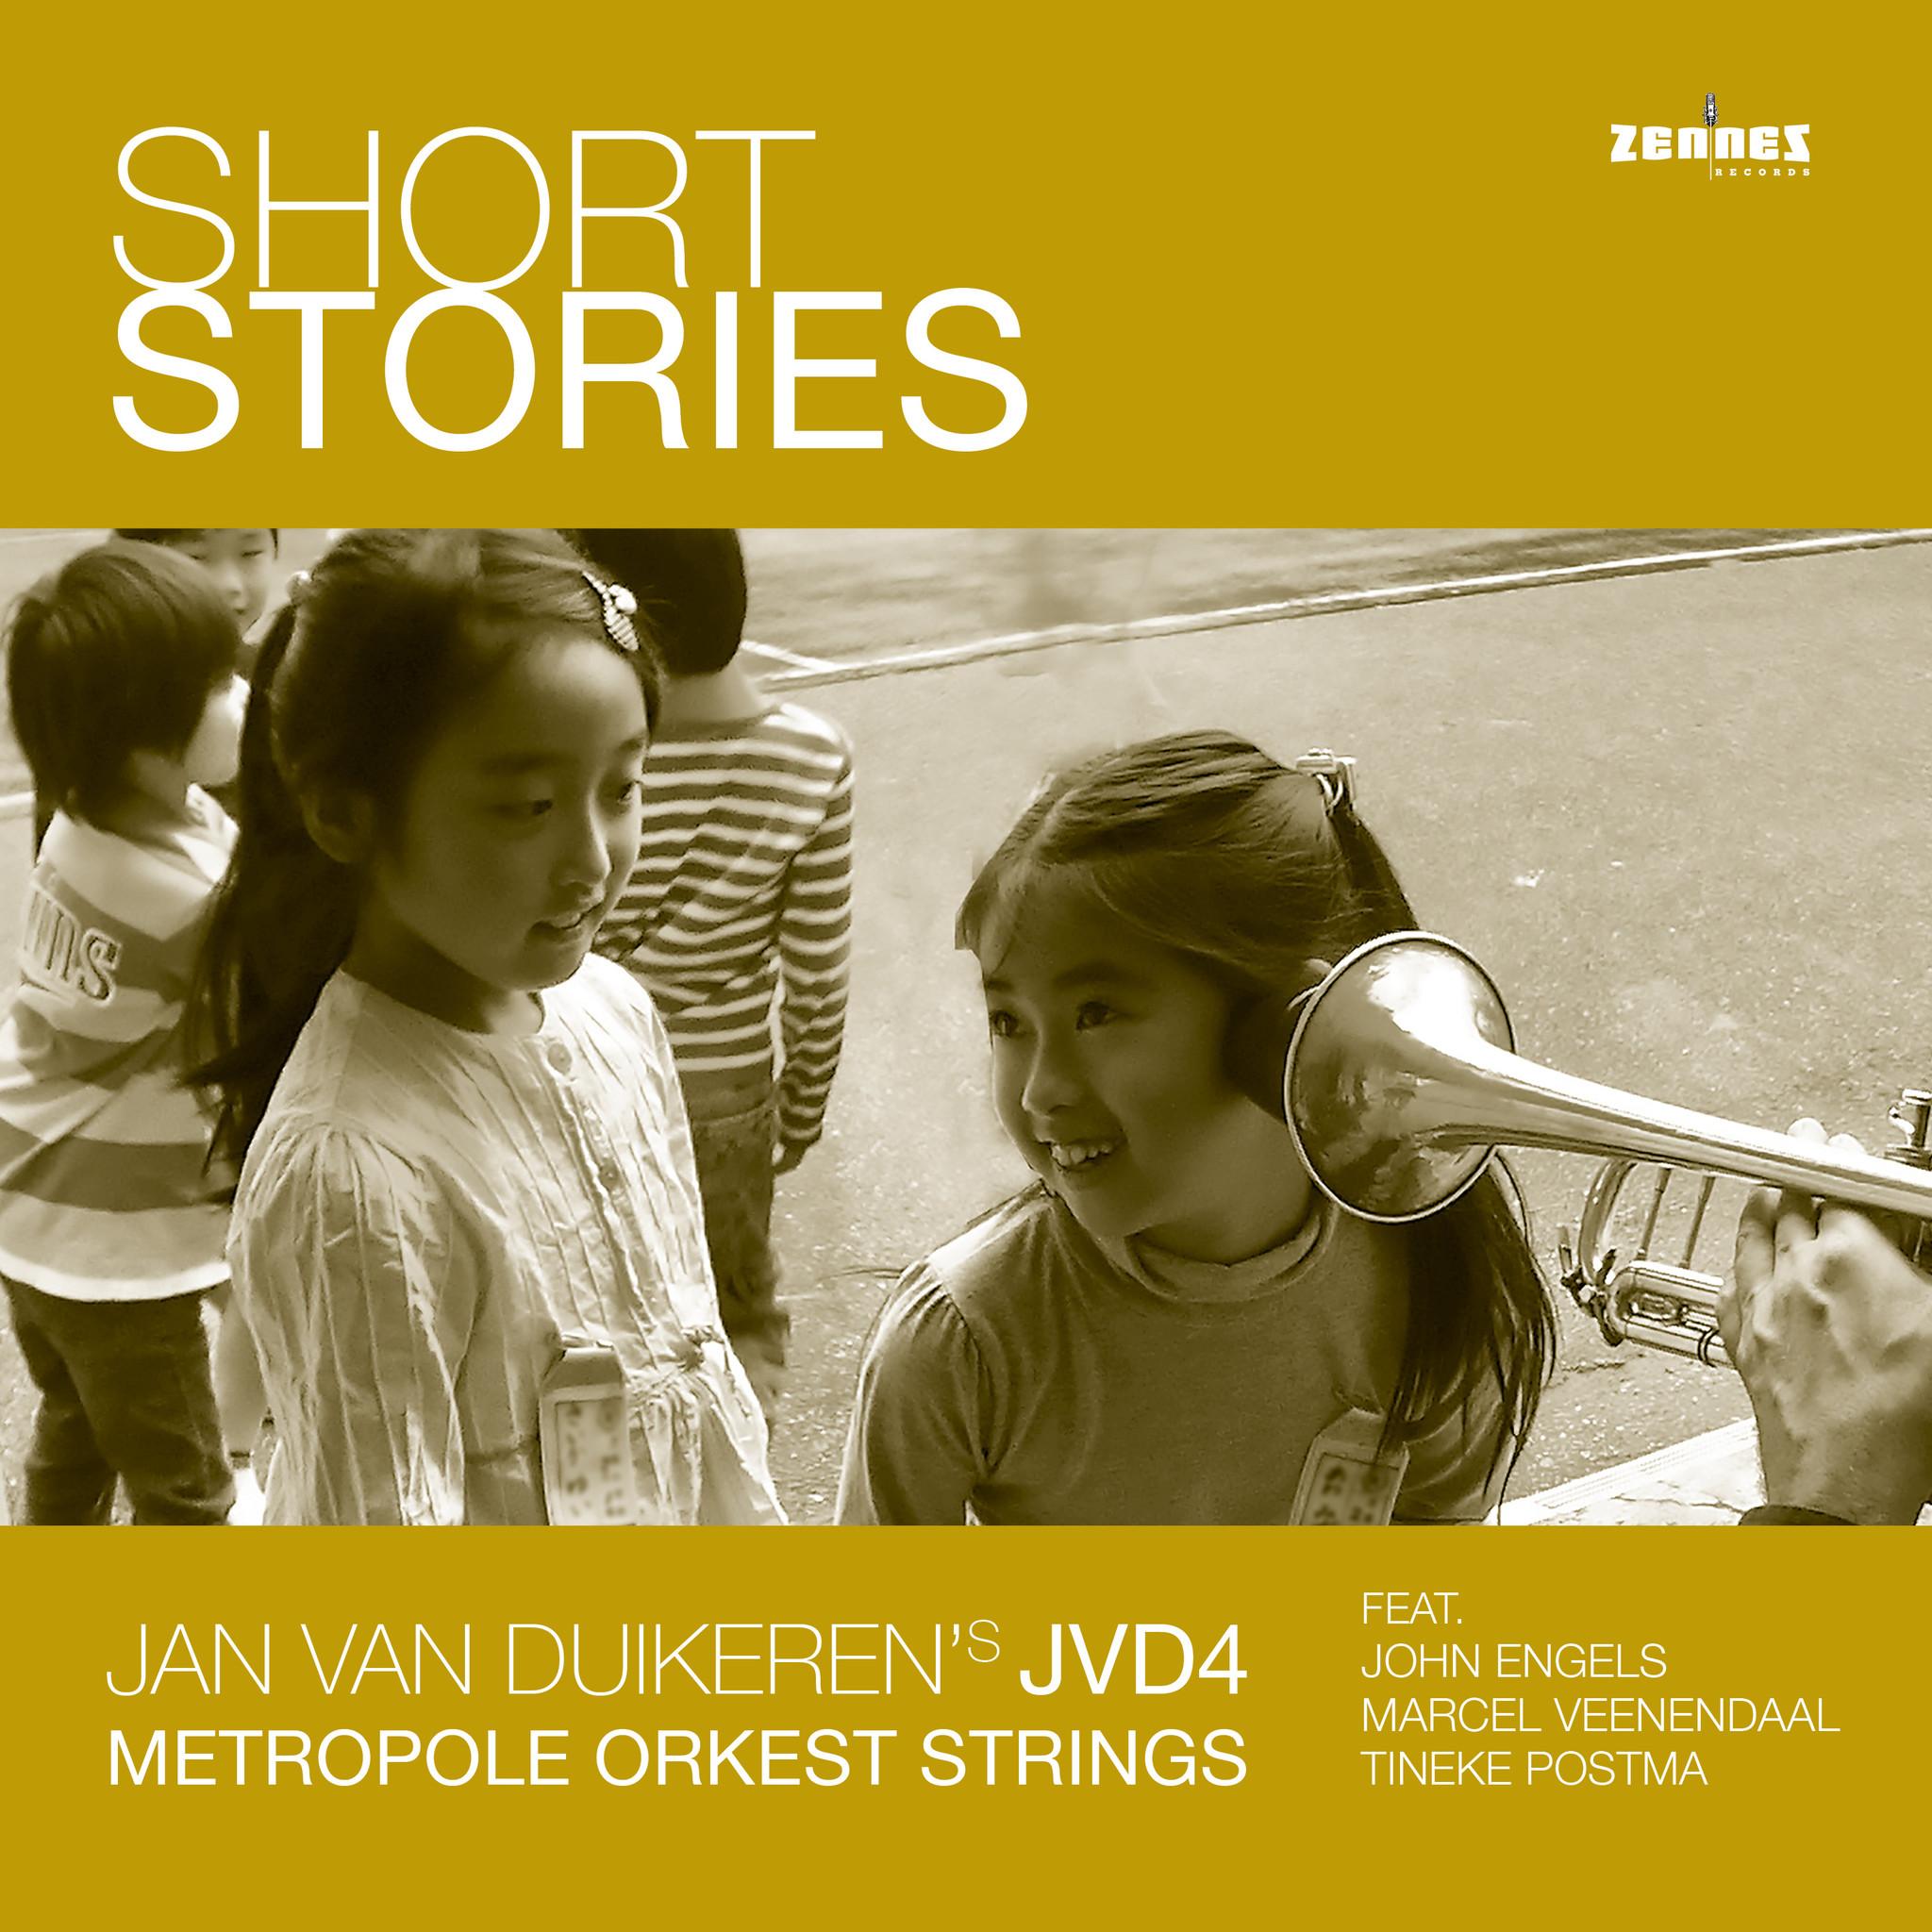 CD - Jan van Duikeren's JVD4 & Metropole Orkest Strings